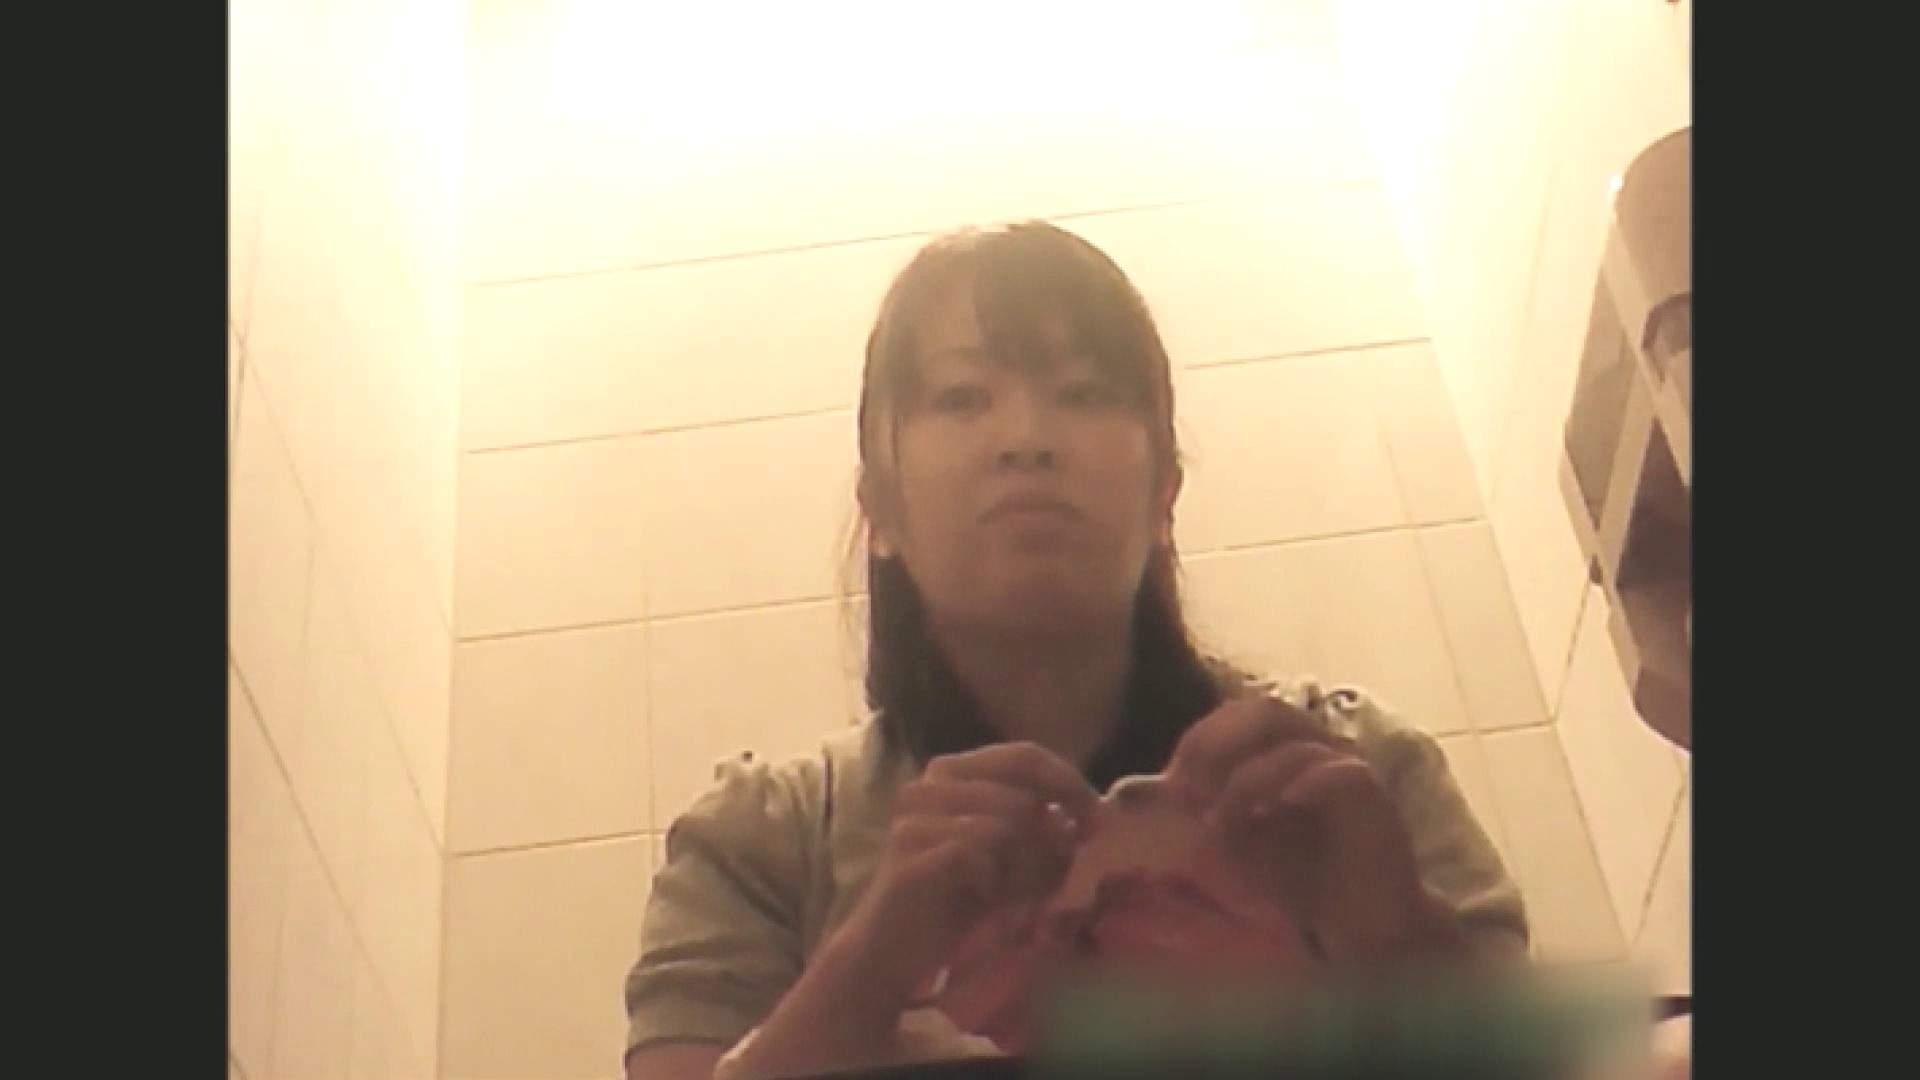 実録!!綺麗なお姉さんのトイレ事情・・・。vol.1 お姉さん ワレメ動画紹介 78連発 27